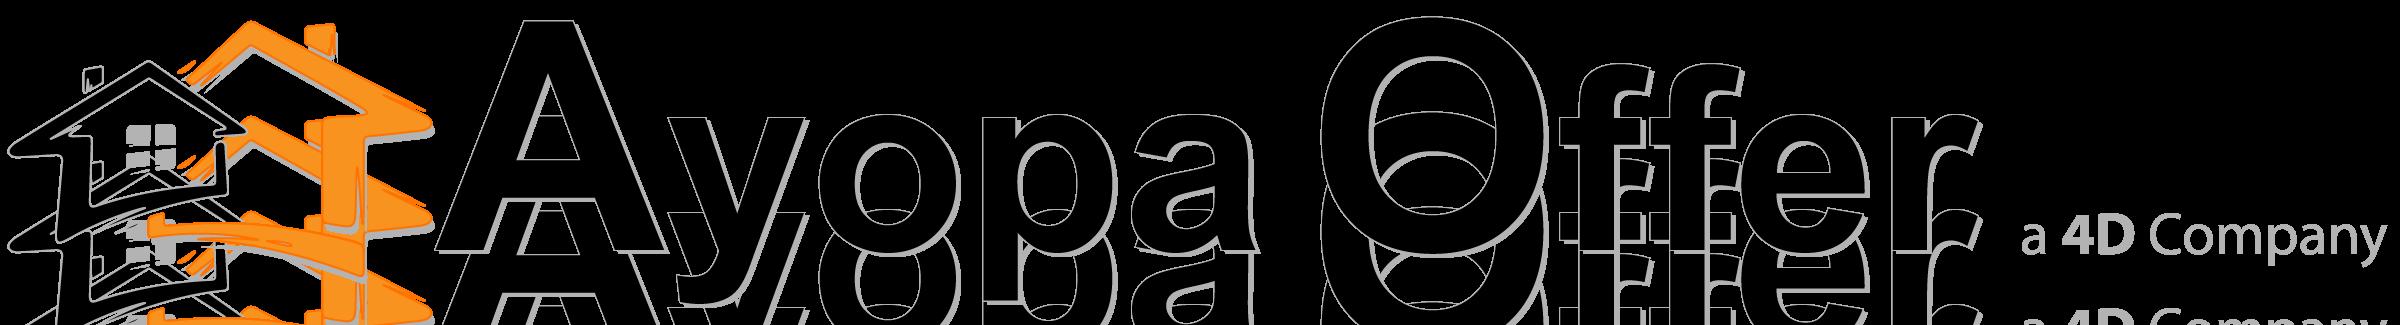 AyopaOffera4DCompanyLogoColor_H325_x_W2400